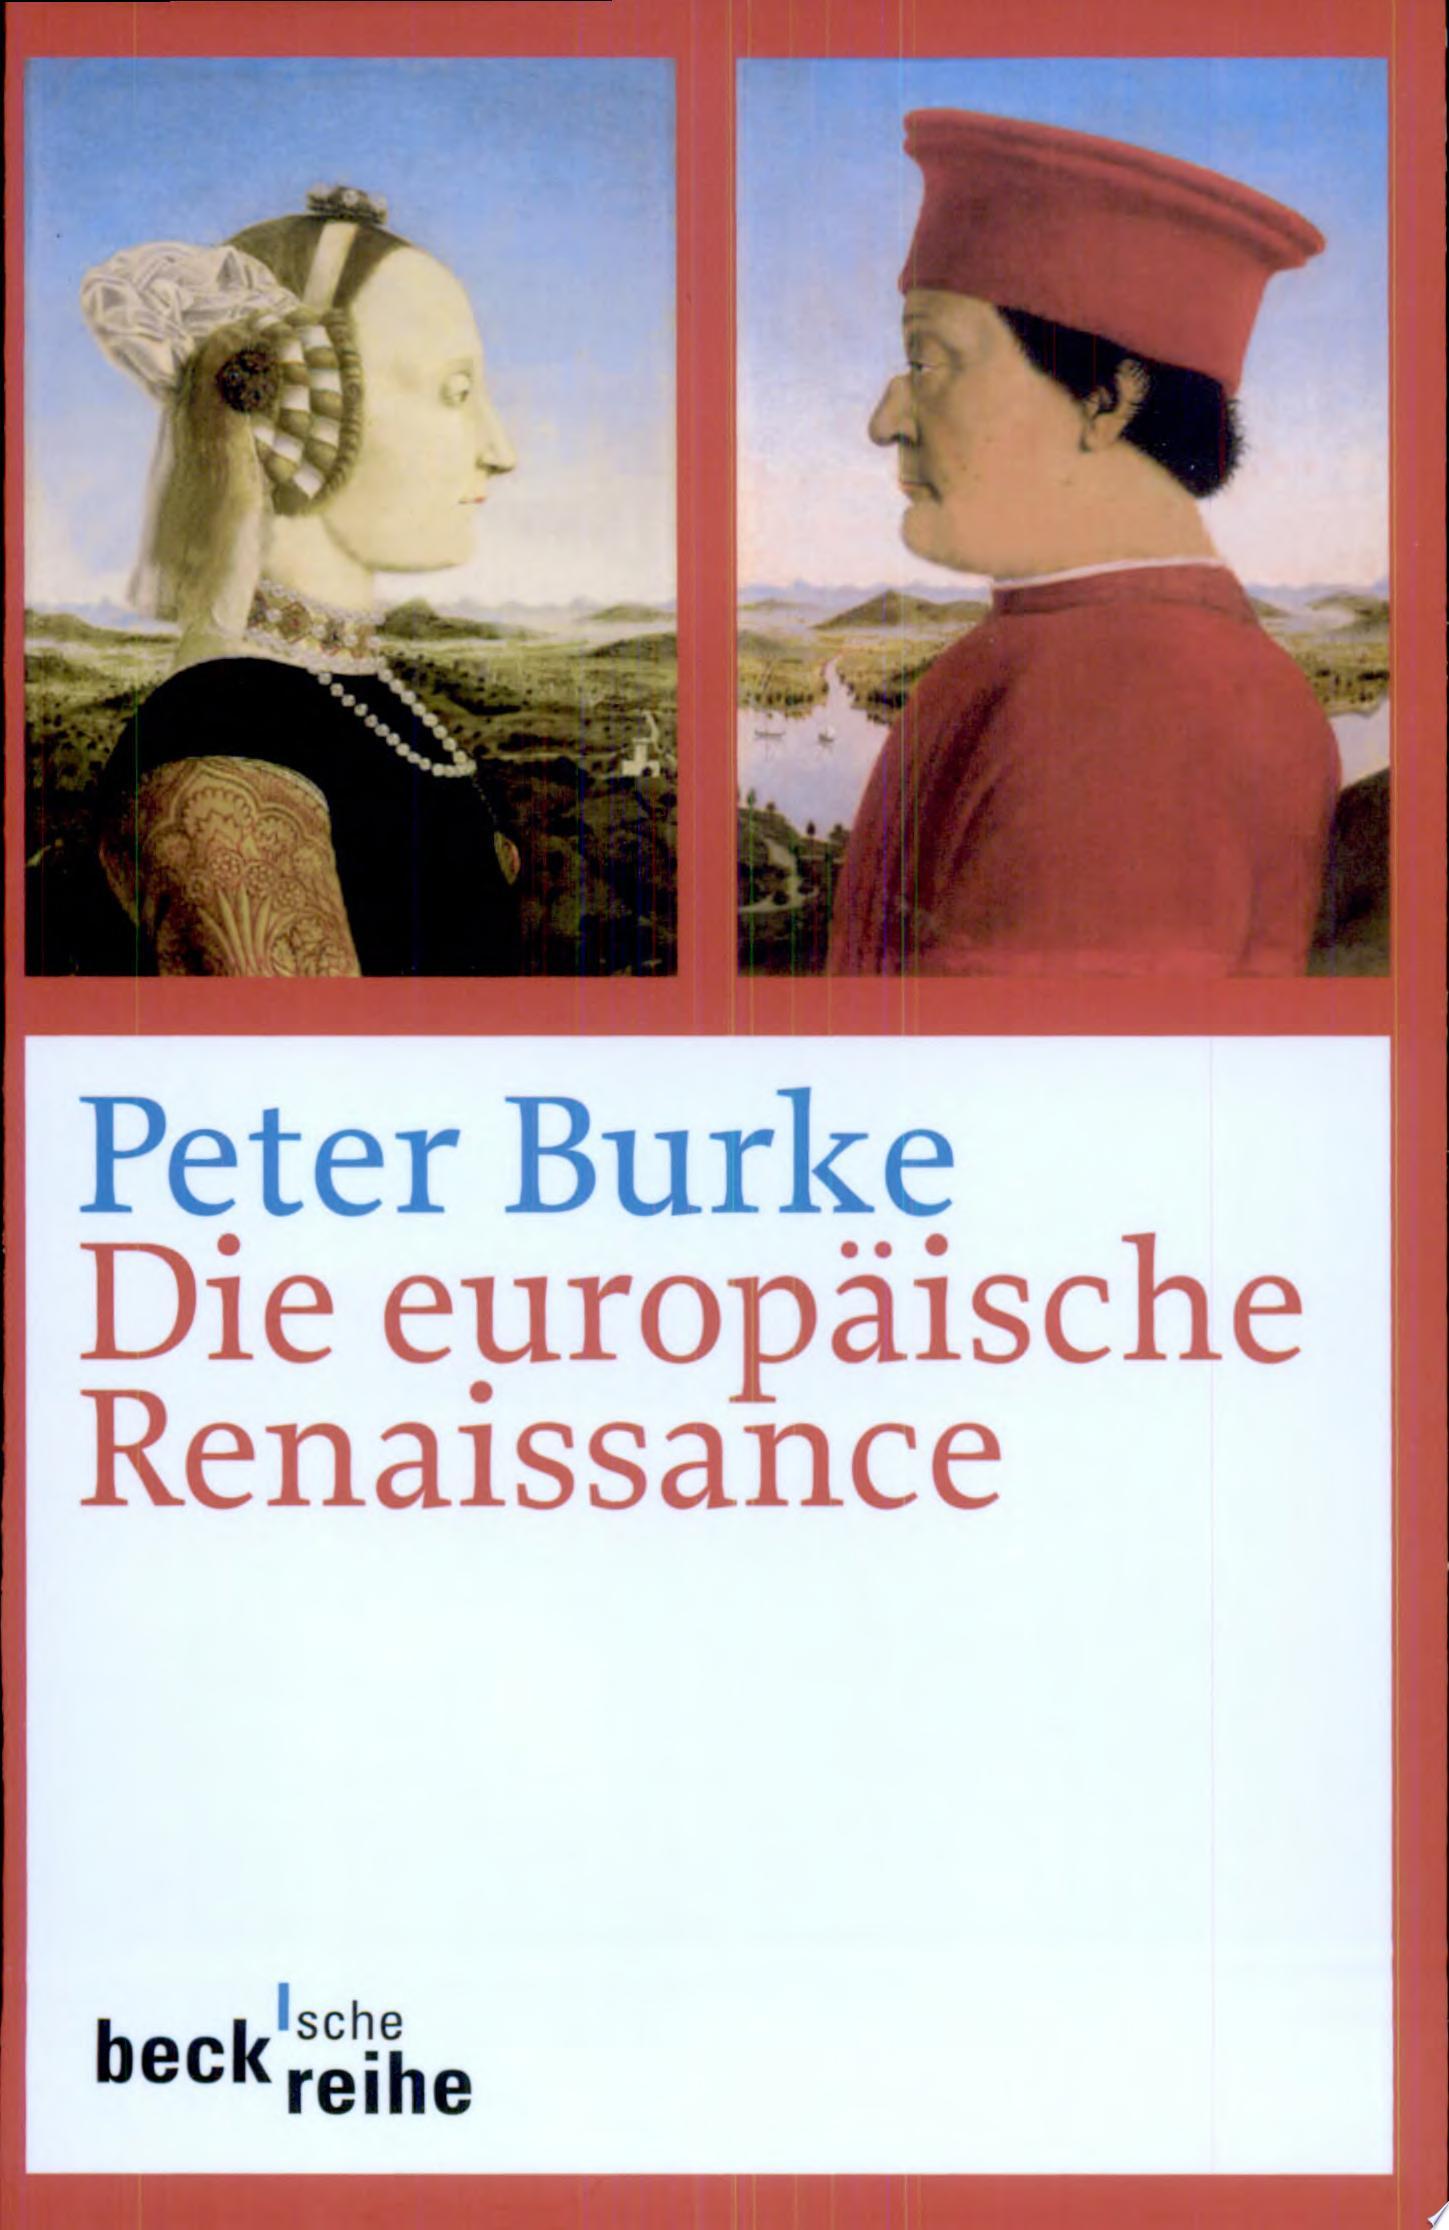 Die europ  ische Renaissance